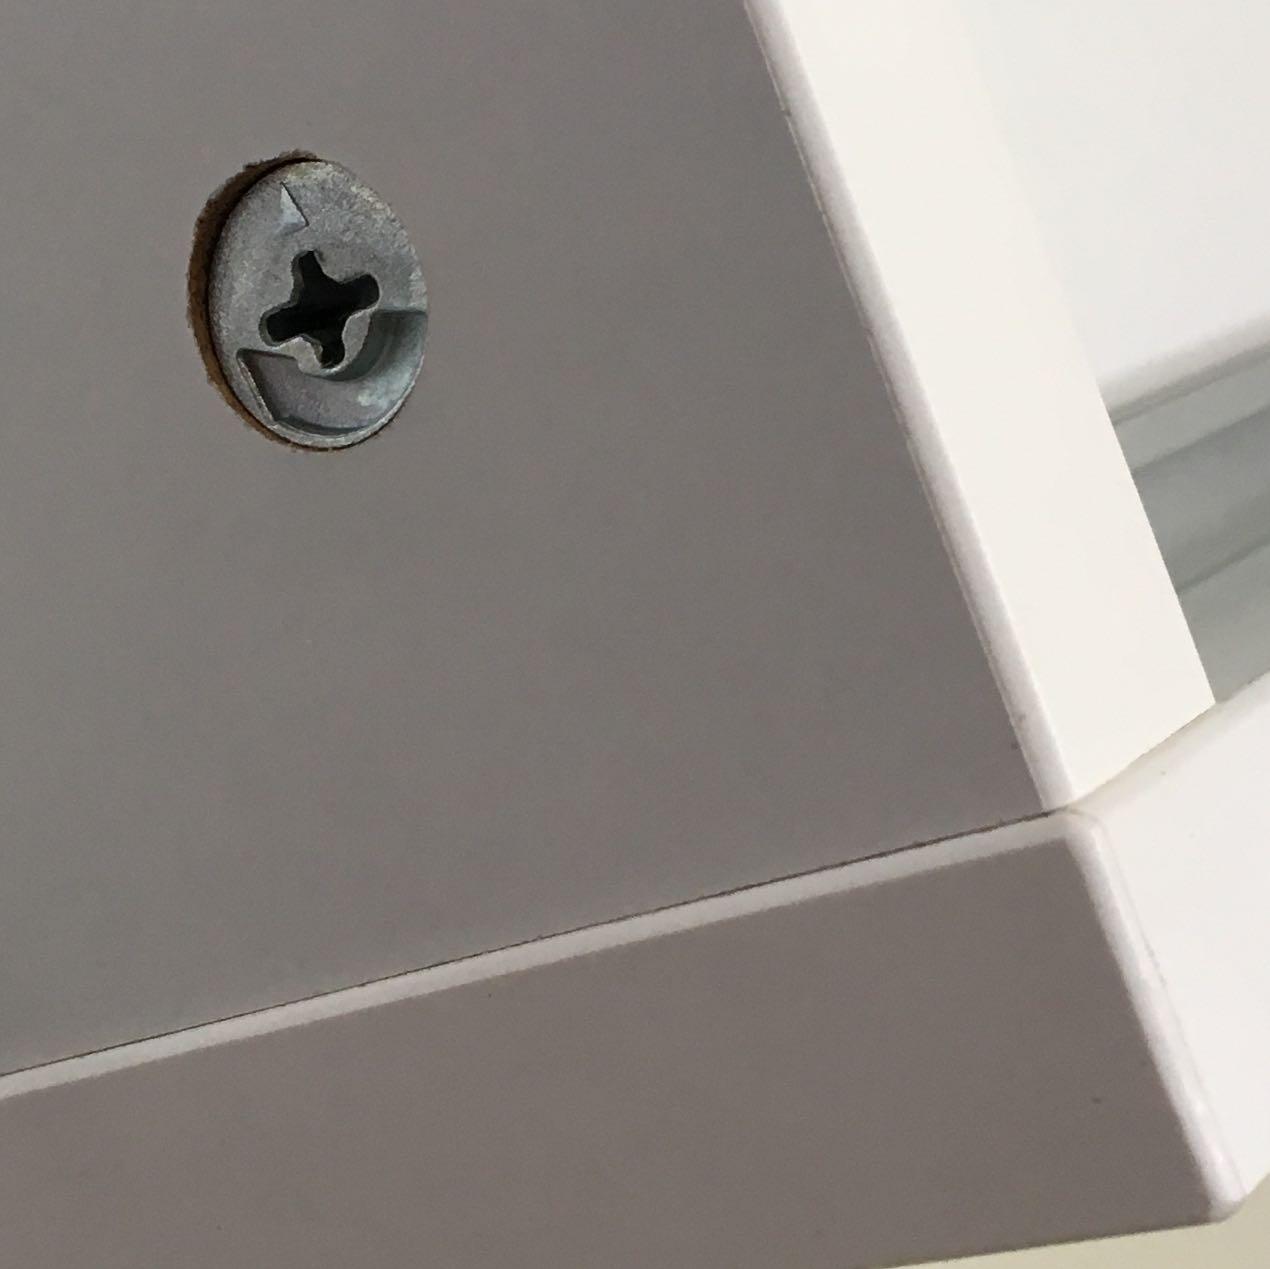 gibt es für diese (ikea-) schrauben runde und weiße abdeckkappen